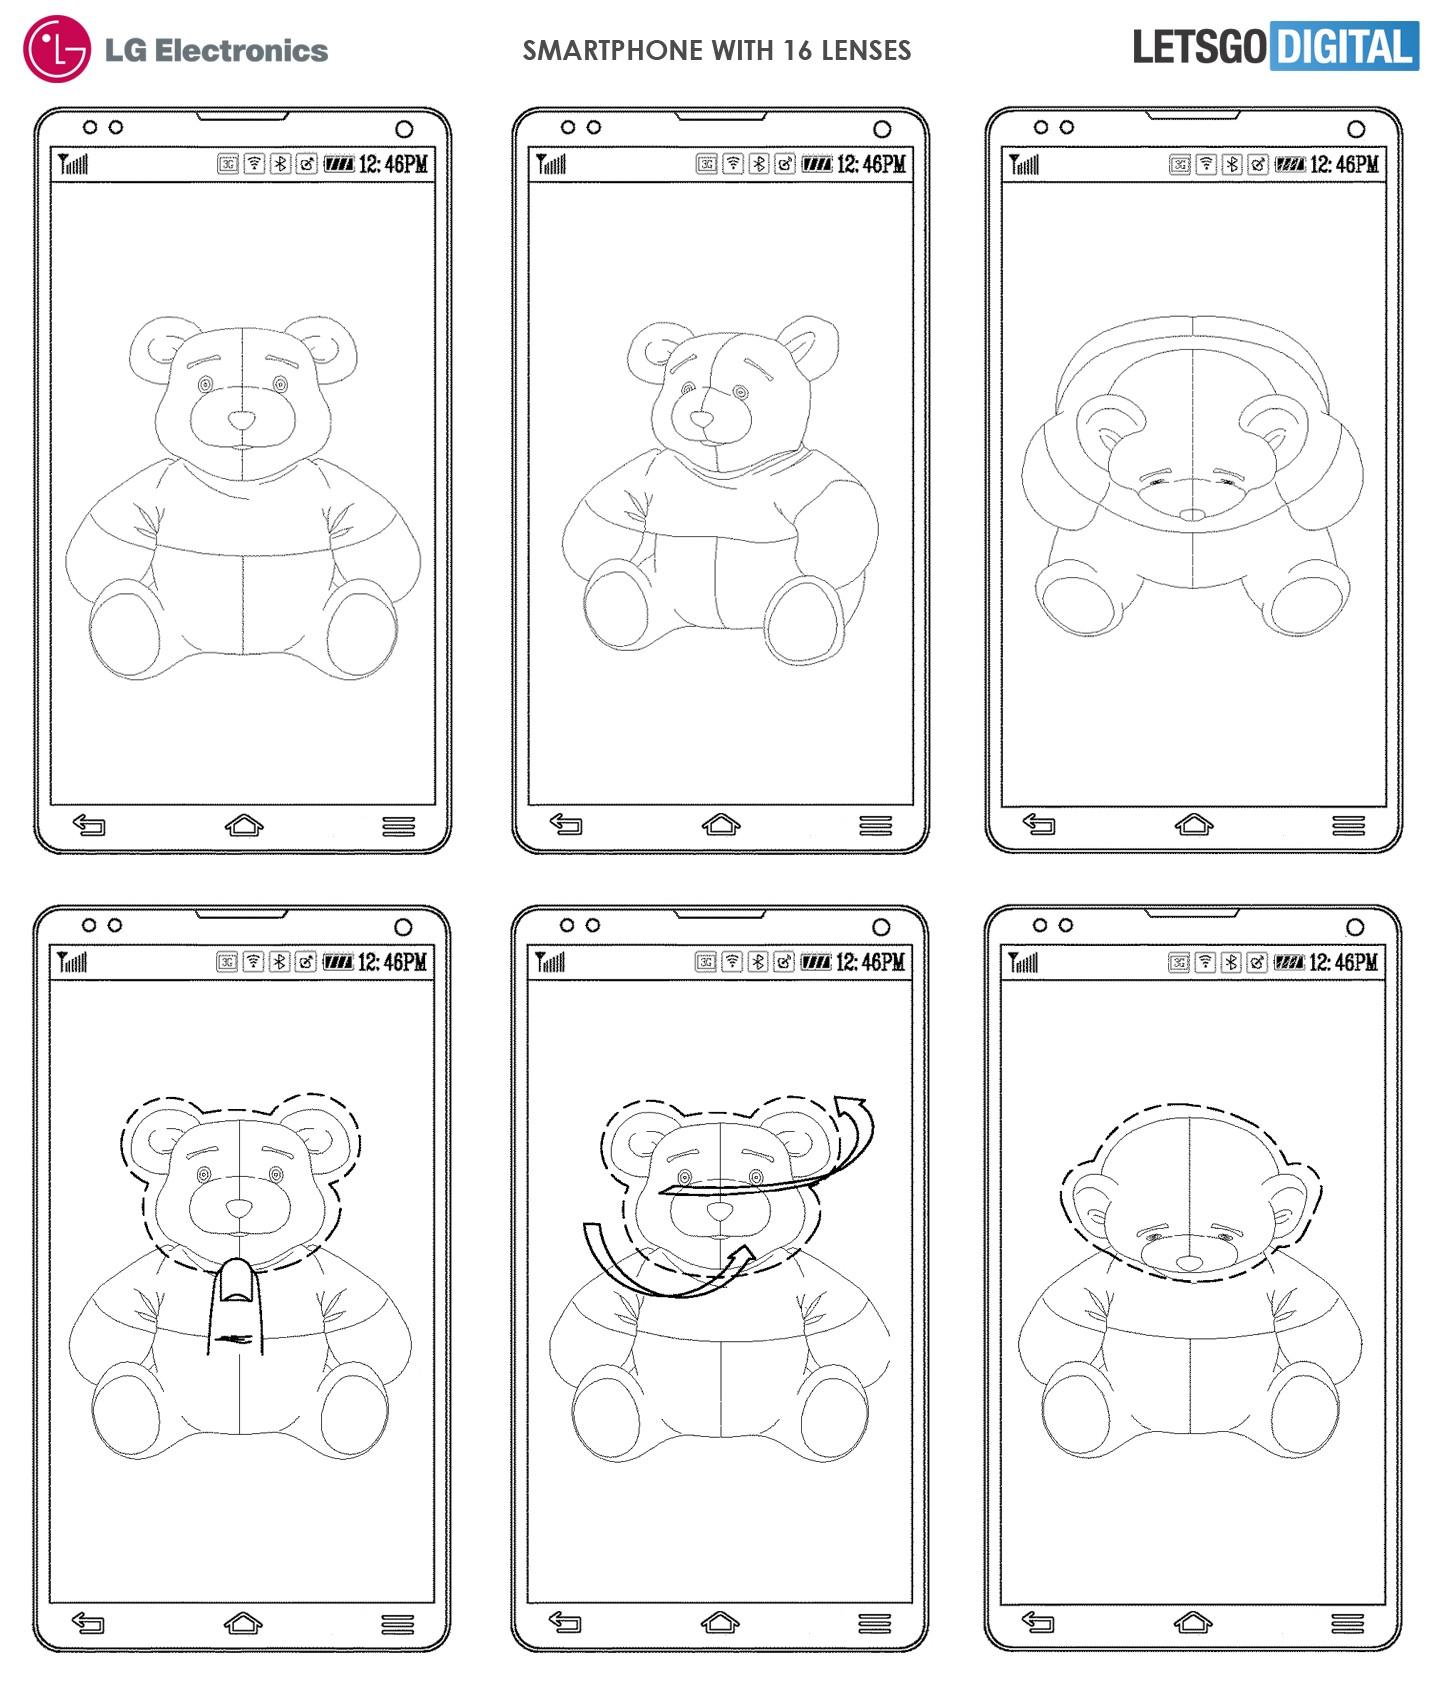 LG запатентовала смартфон с камерой из 16 объективов3